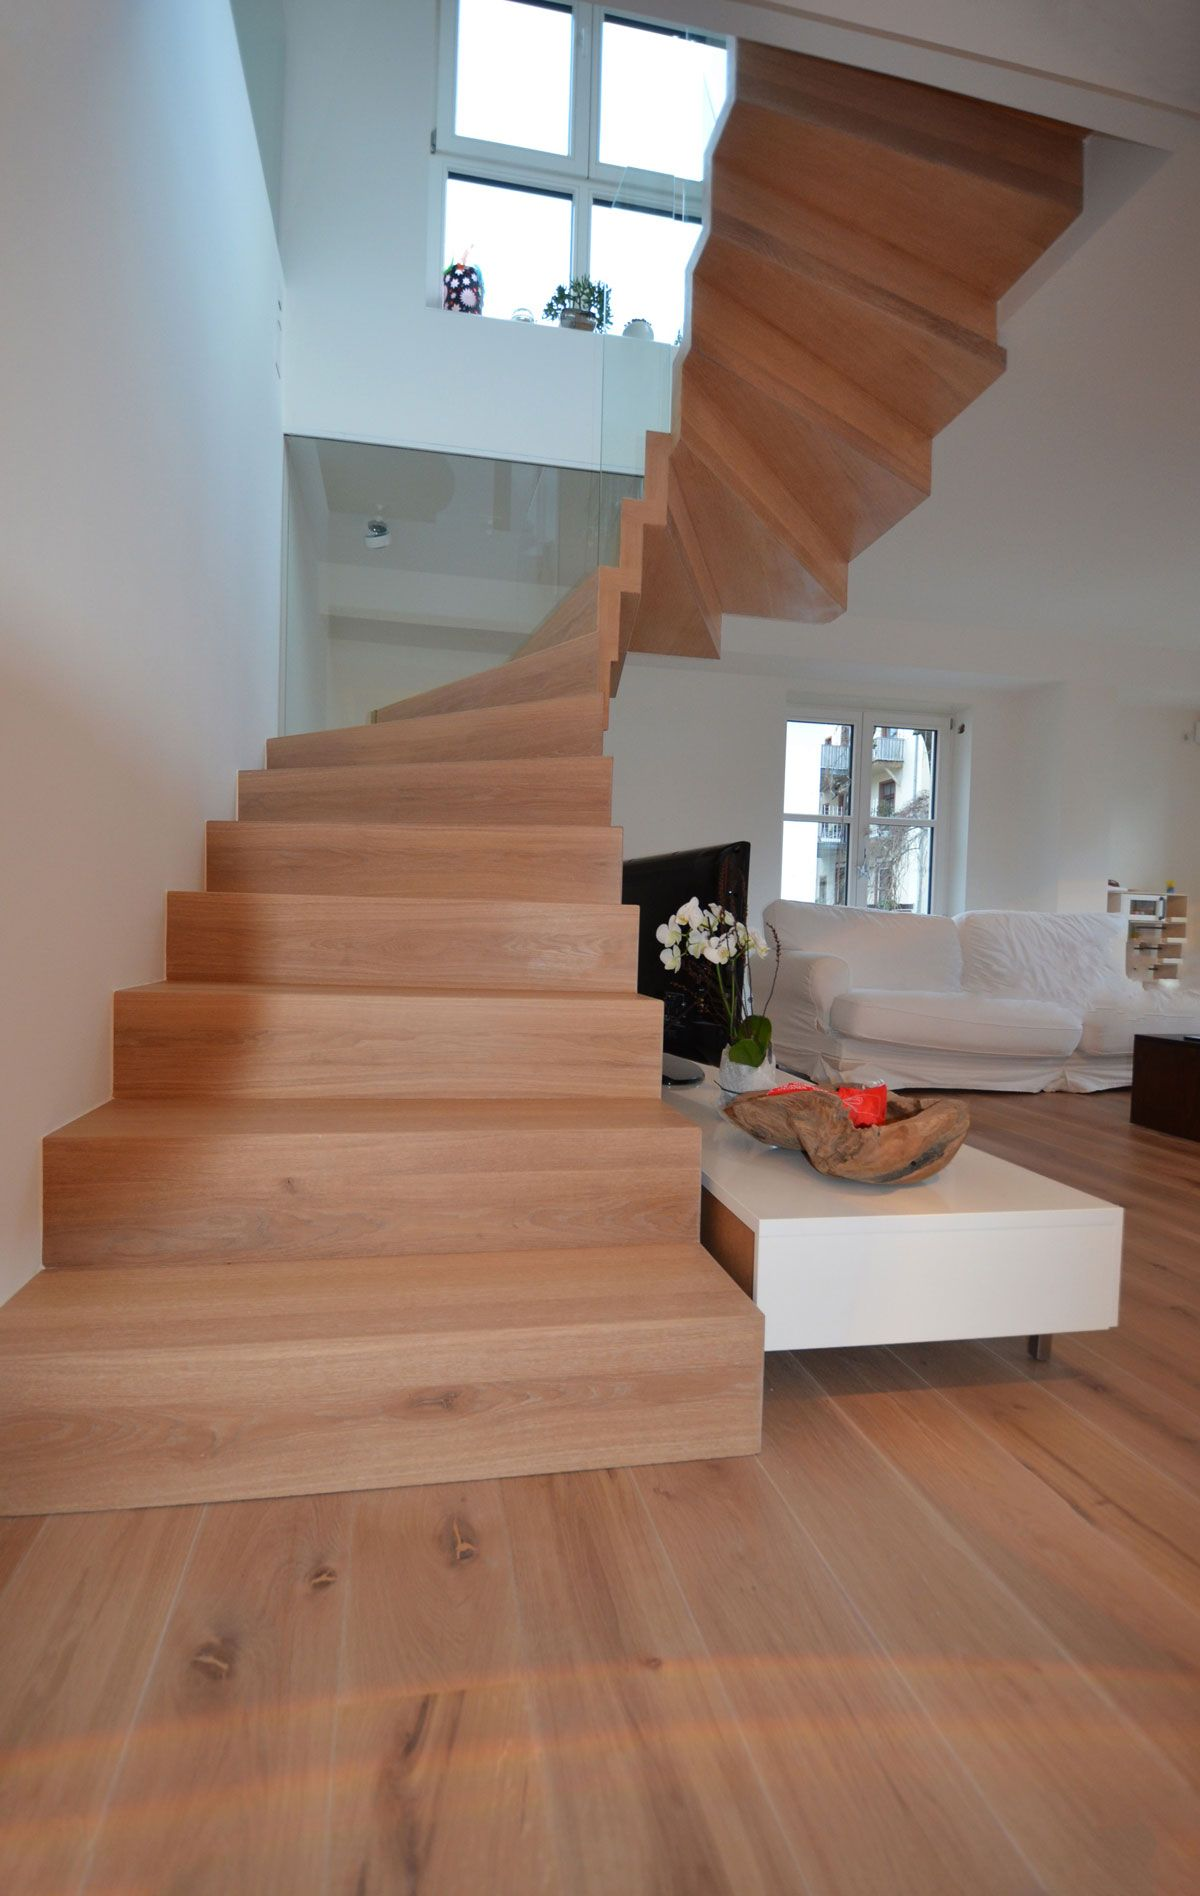 Super Bei einer um 180° gewendelten Treppe mit Schrankunterbau muss man KU16